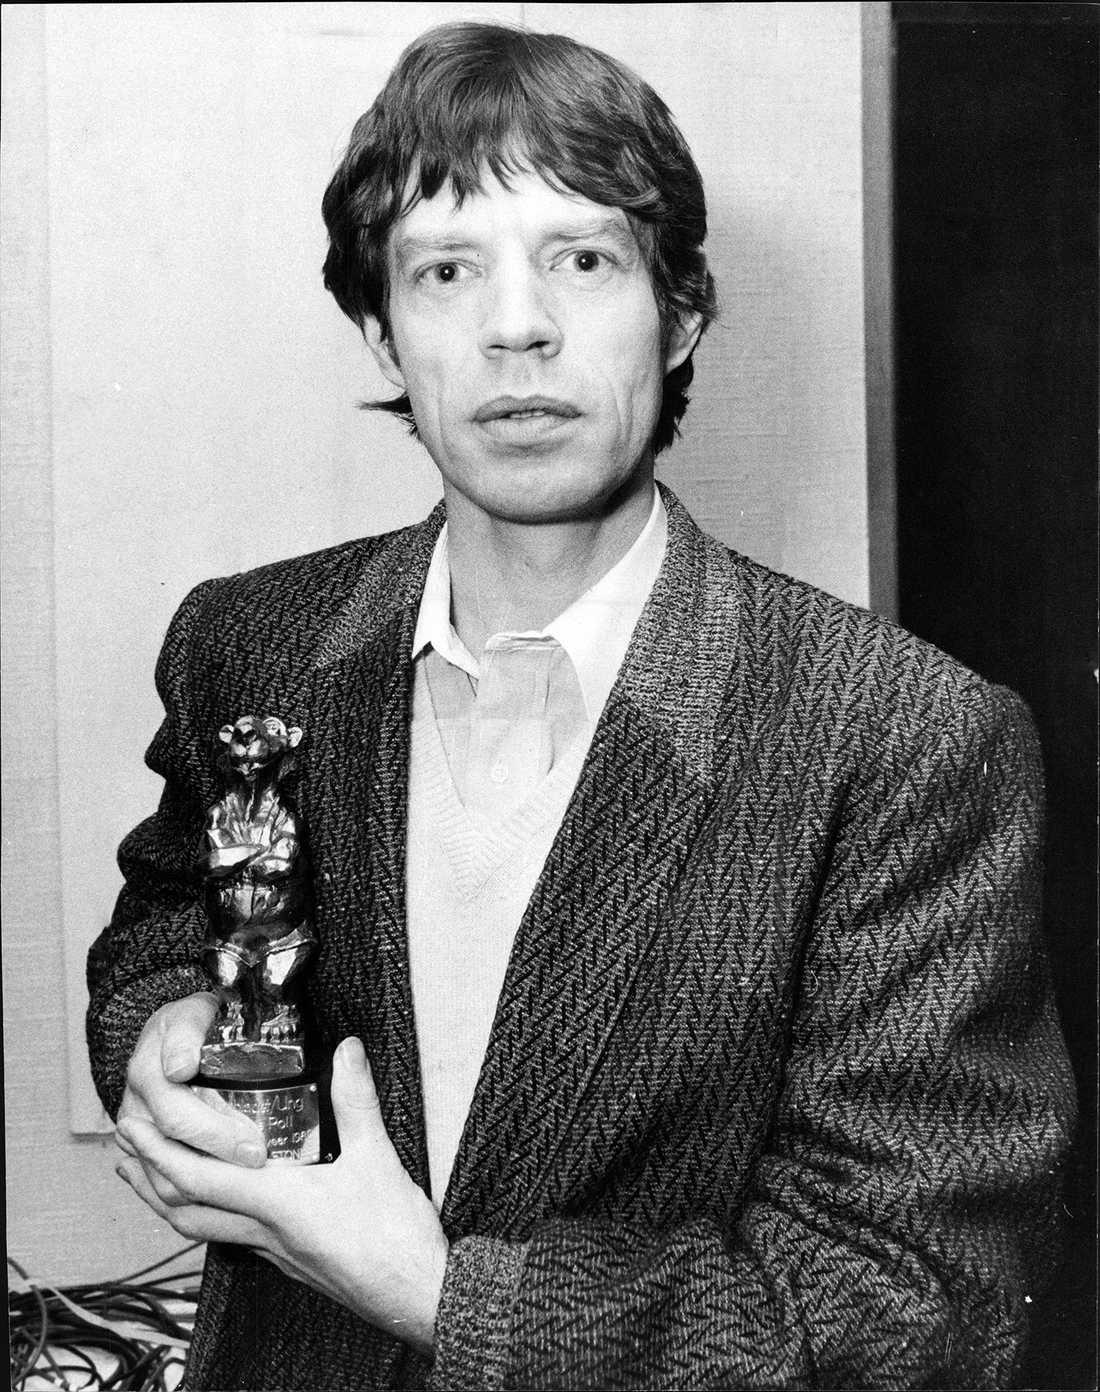 Mick Jagger med sitt pris 1983.